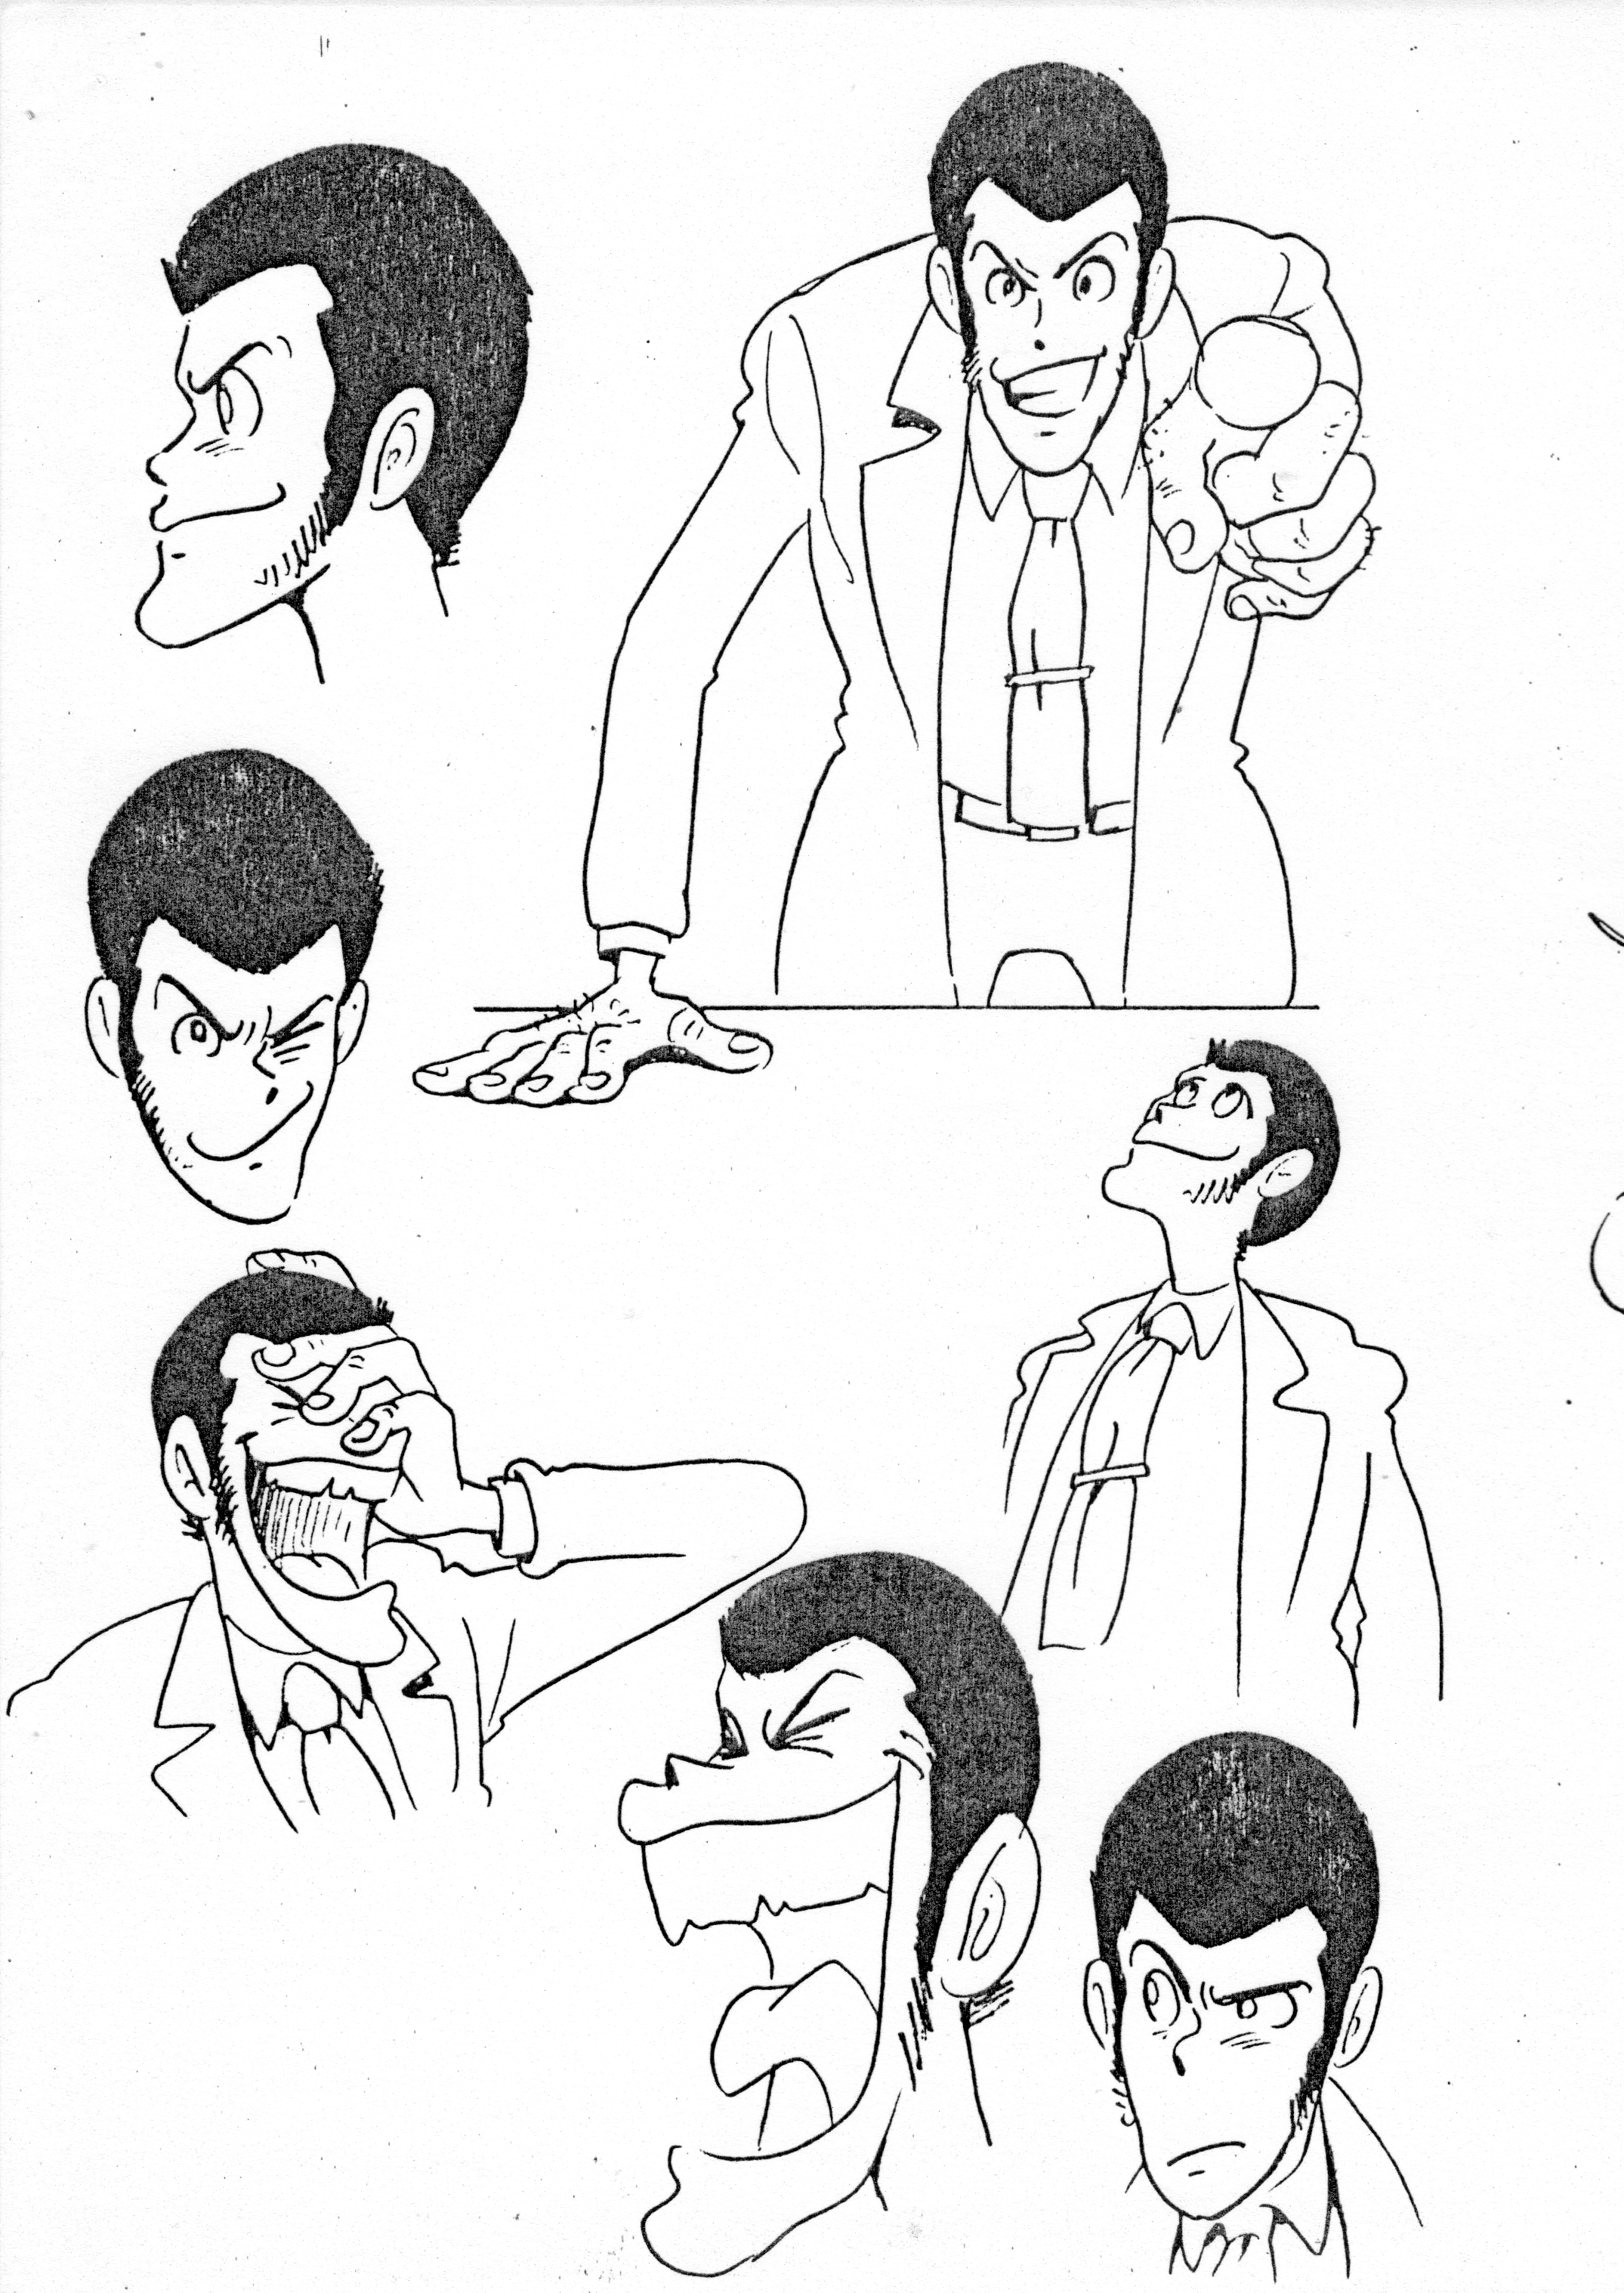 キャラクター 第一稿(改訂版)P05 漫画アート, Cgアート, アニメ